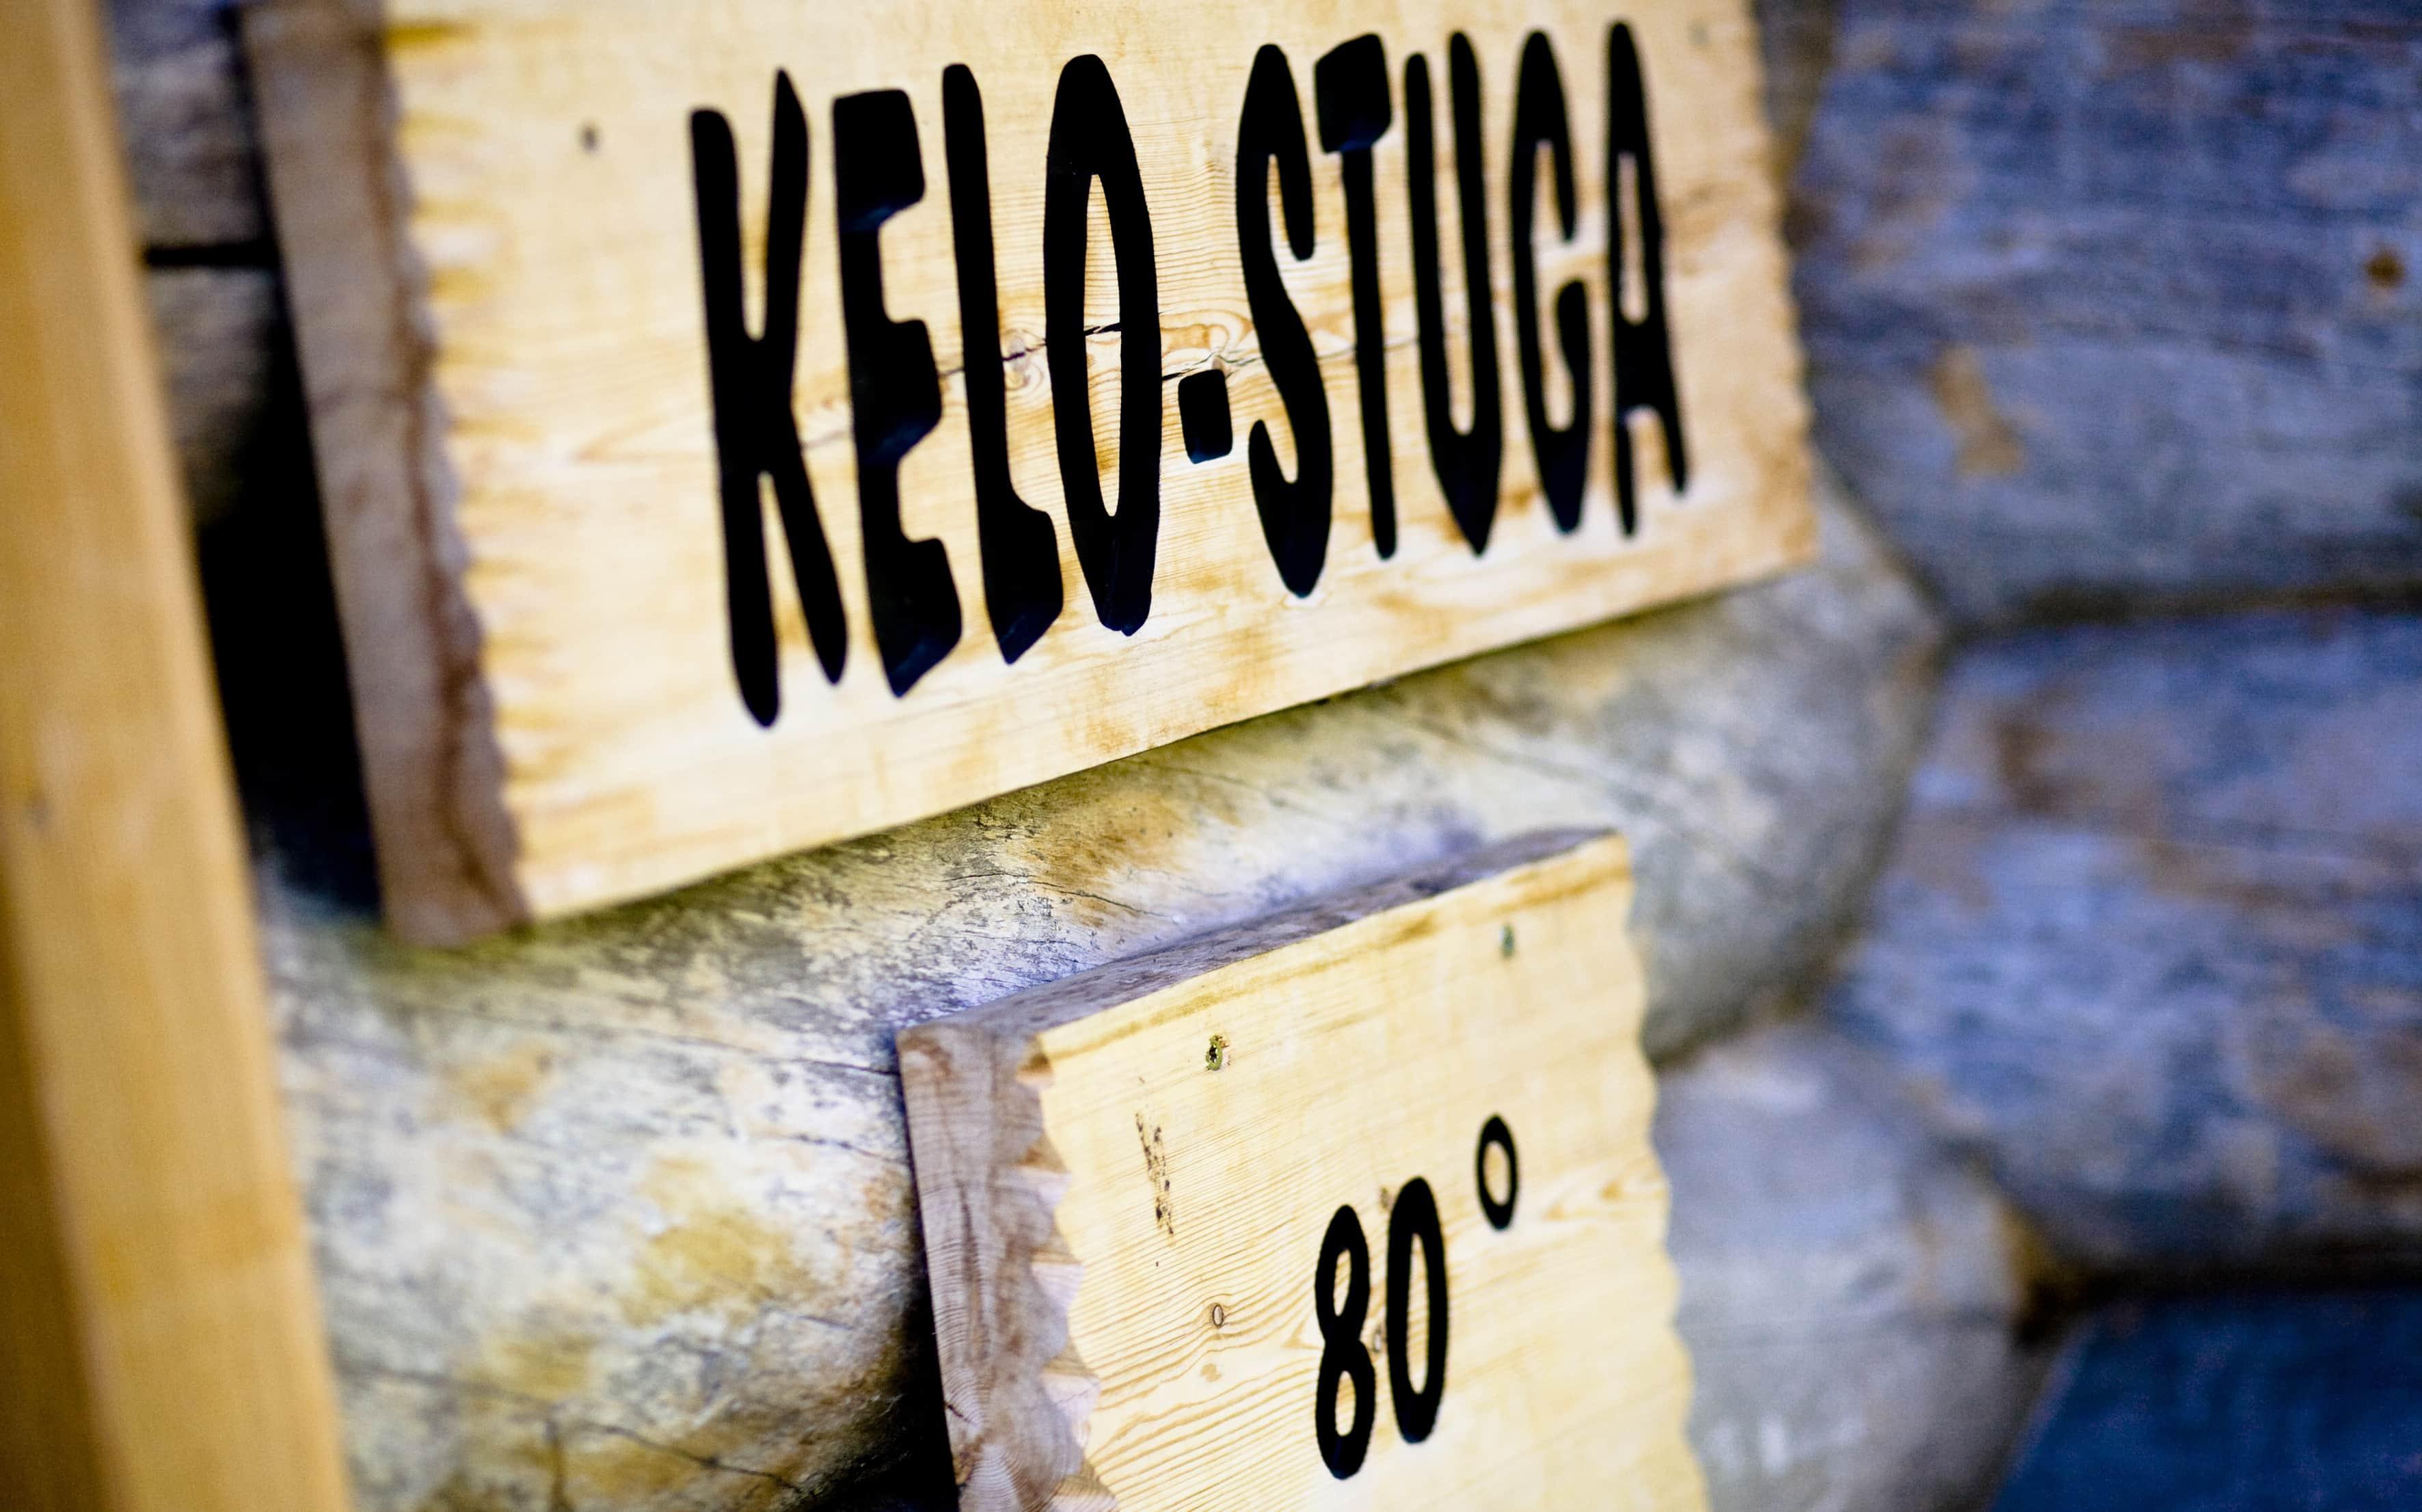 In der Saunalandschaft im Midsommerland in Hamburg können die Gäste entspannt skandinavisch abschalten., zum Beispiel hier bei 80 Grad in der Kelo-Stuga.